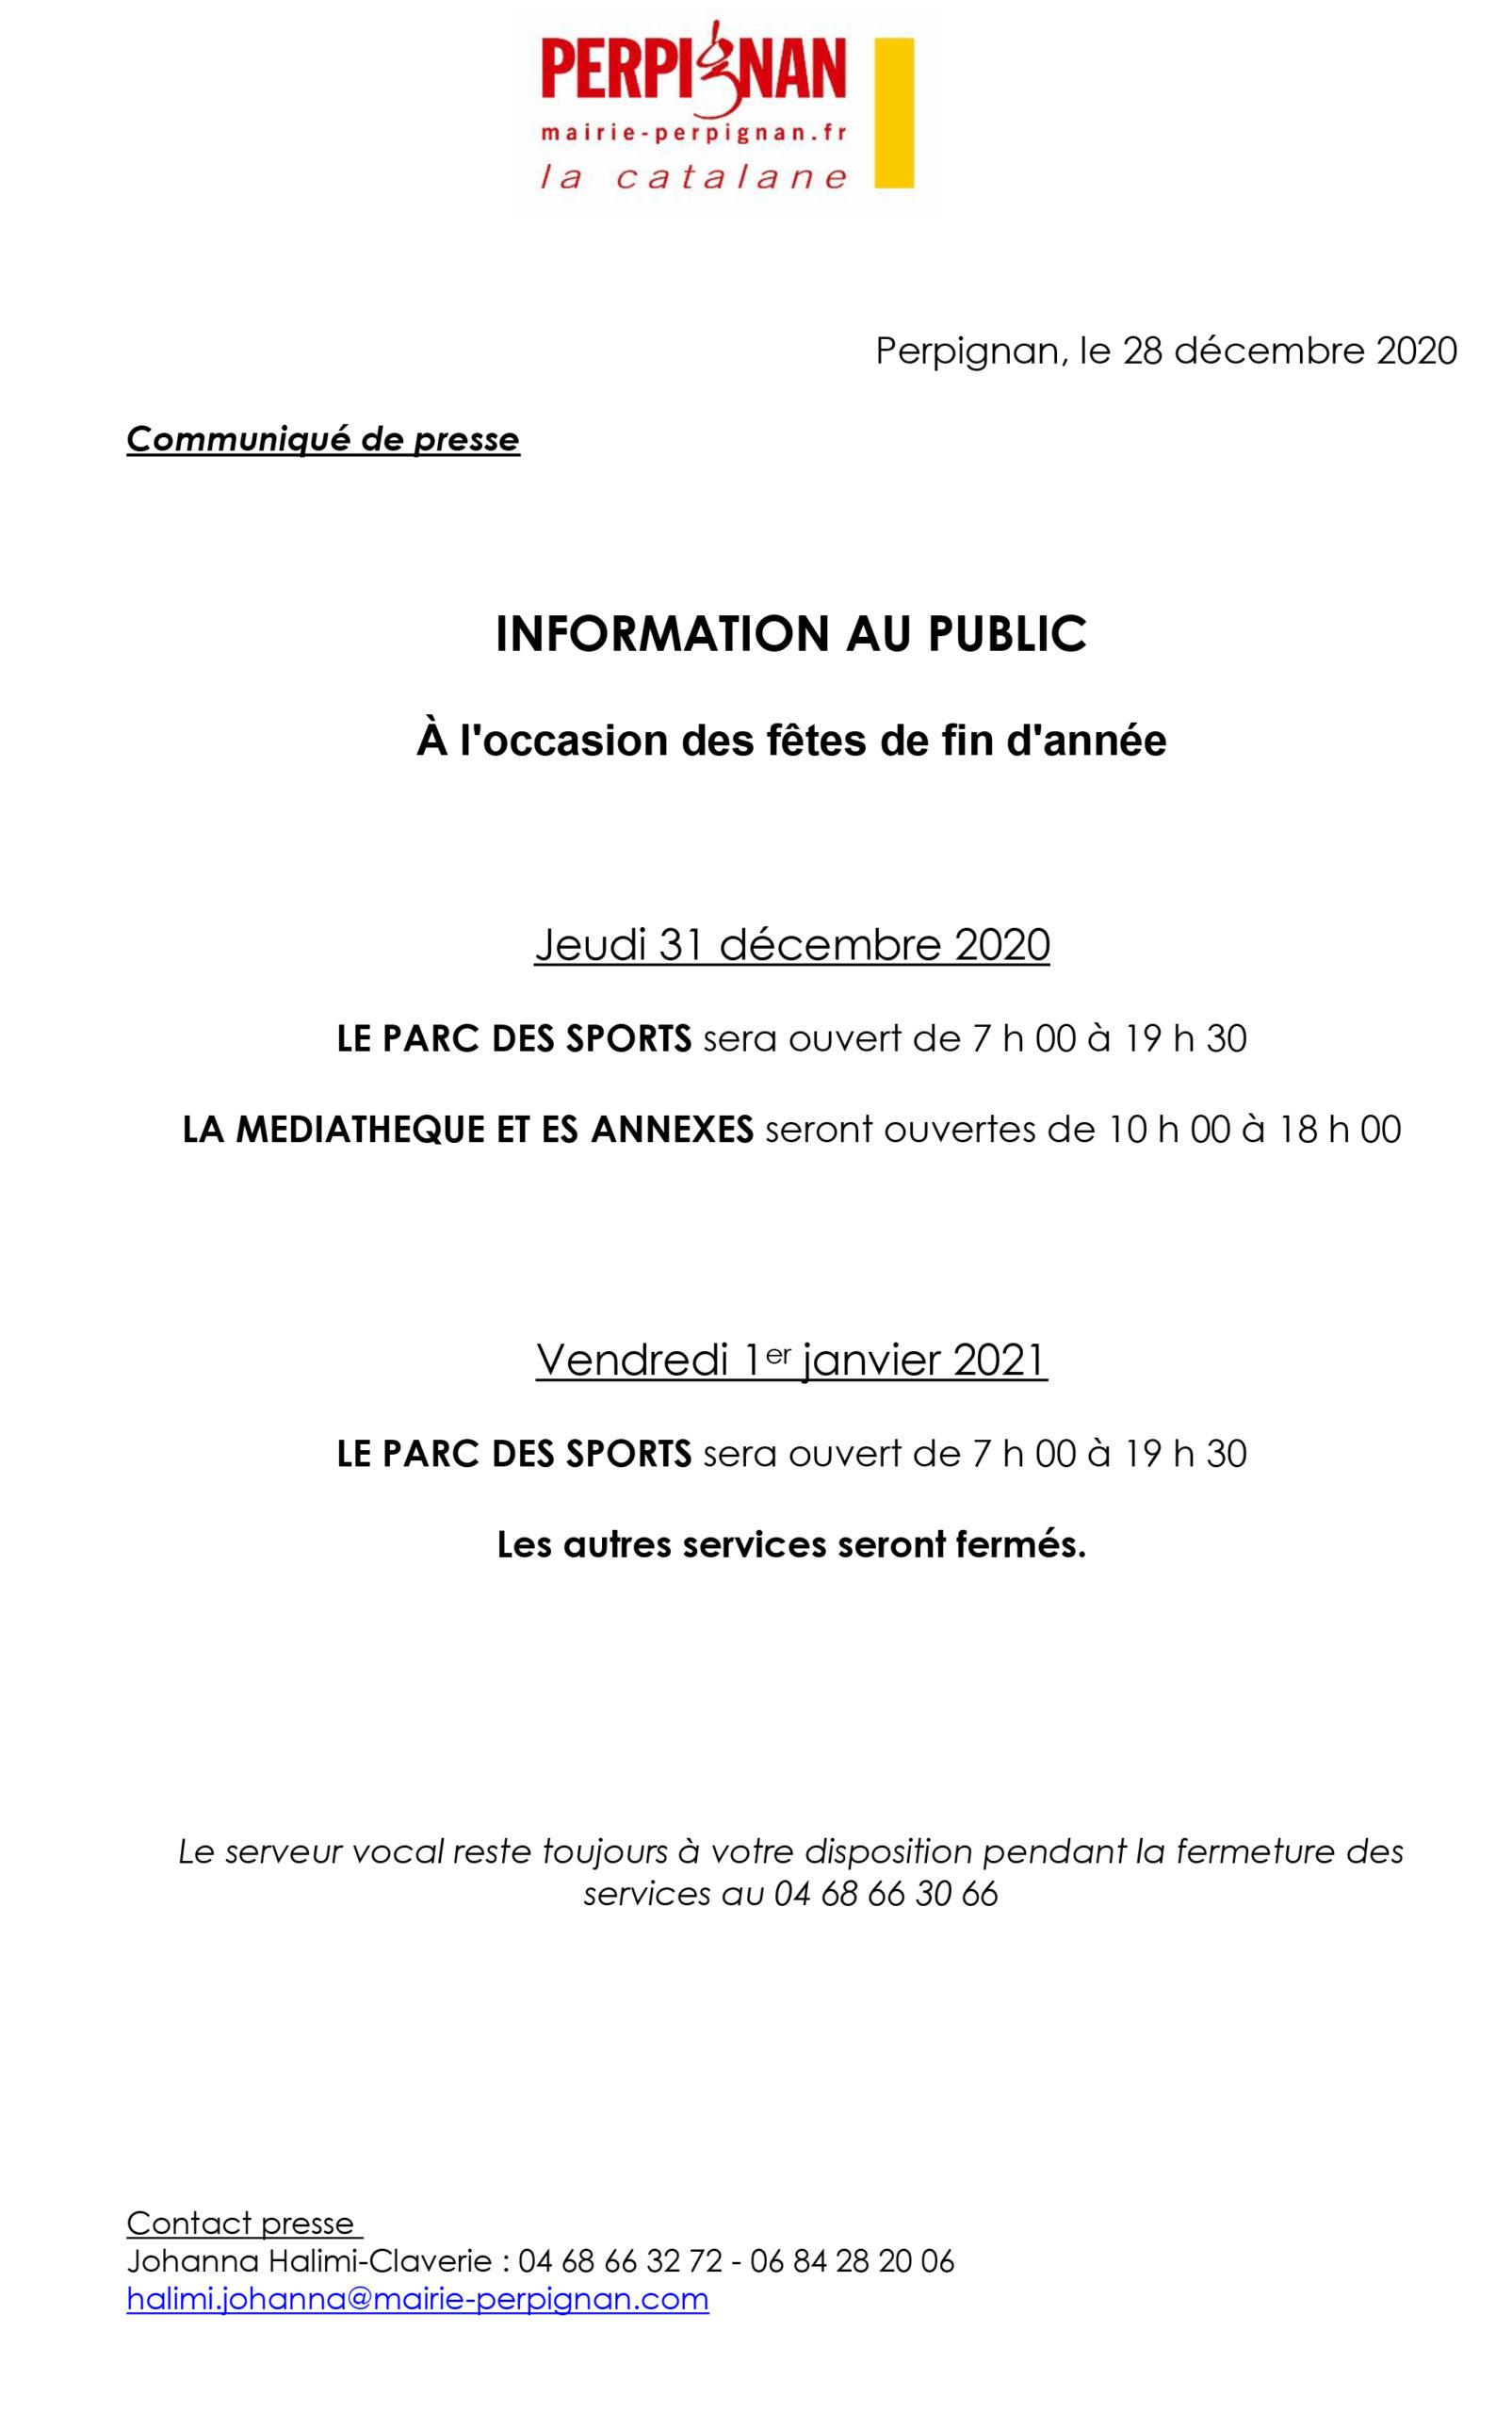 Information au public – Fermeture des services